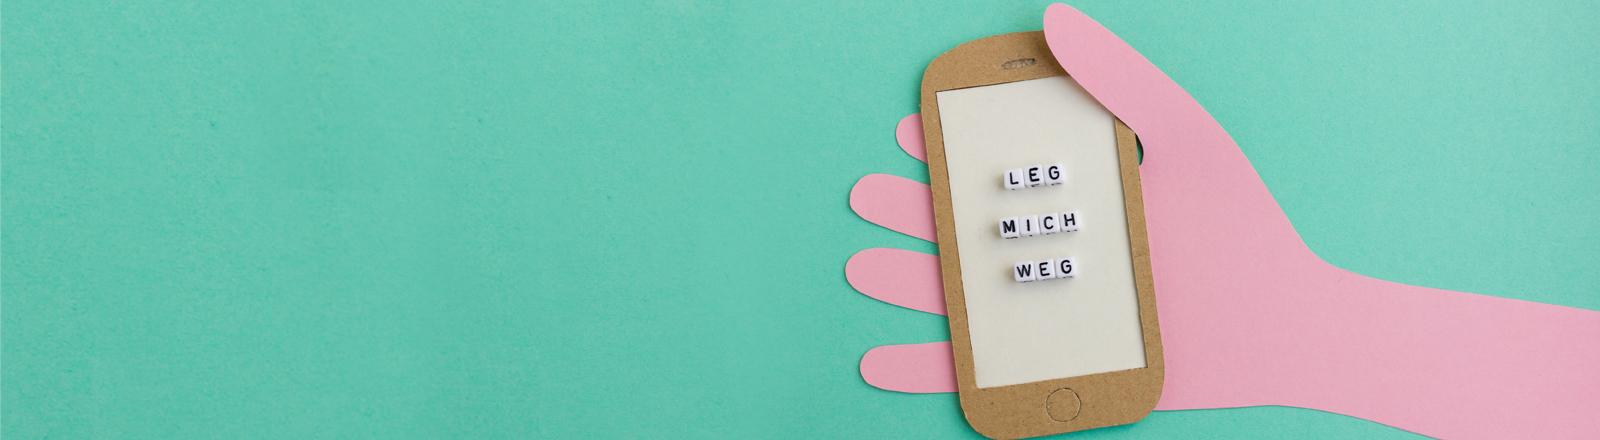 """Ein Papp-Handy mit dem Schriftzug """"Leg mich weg""""."""